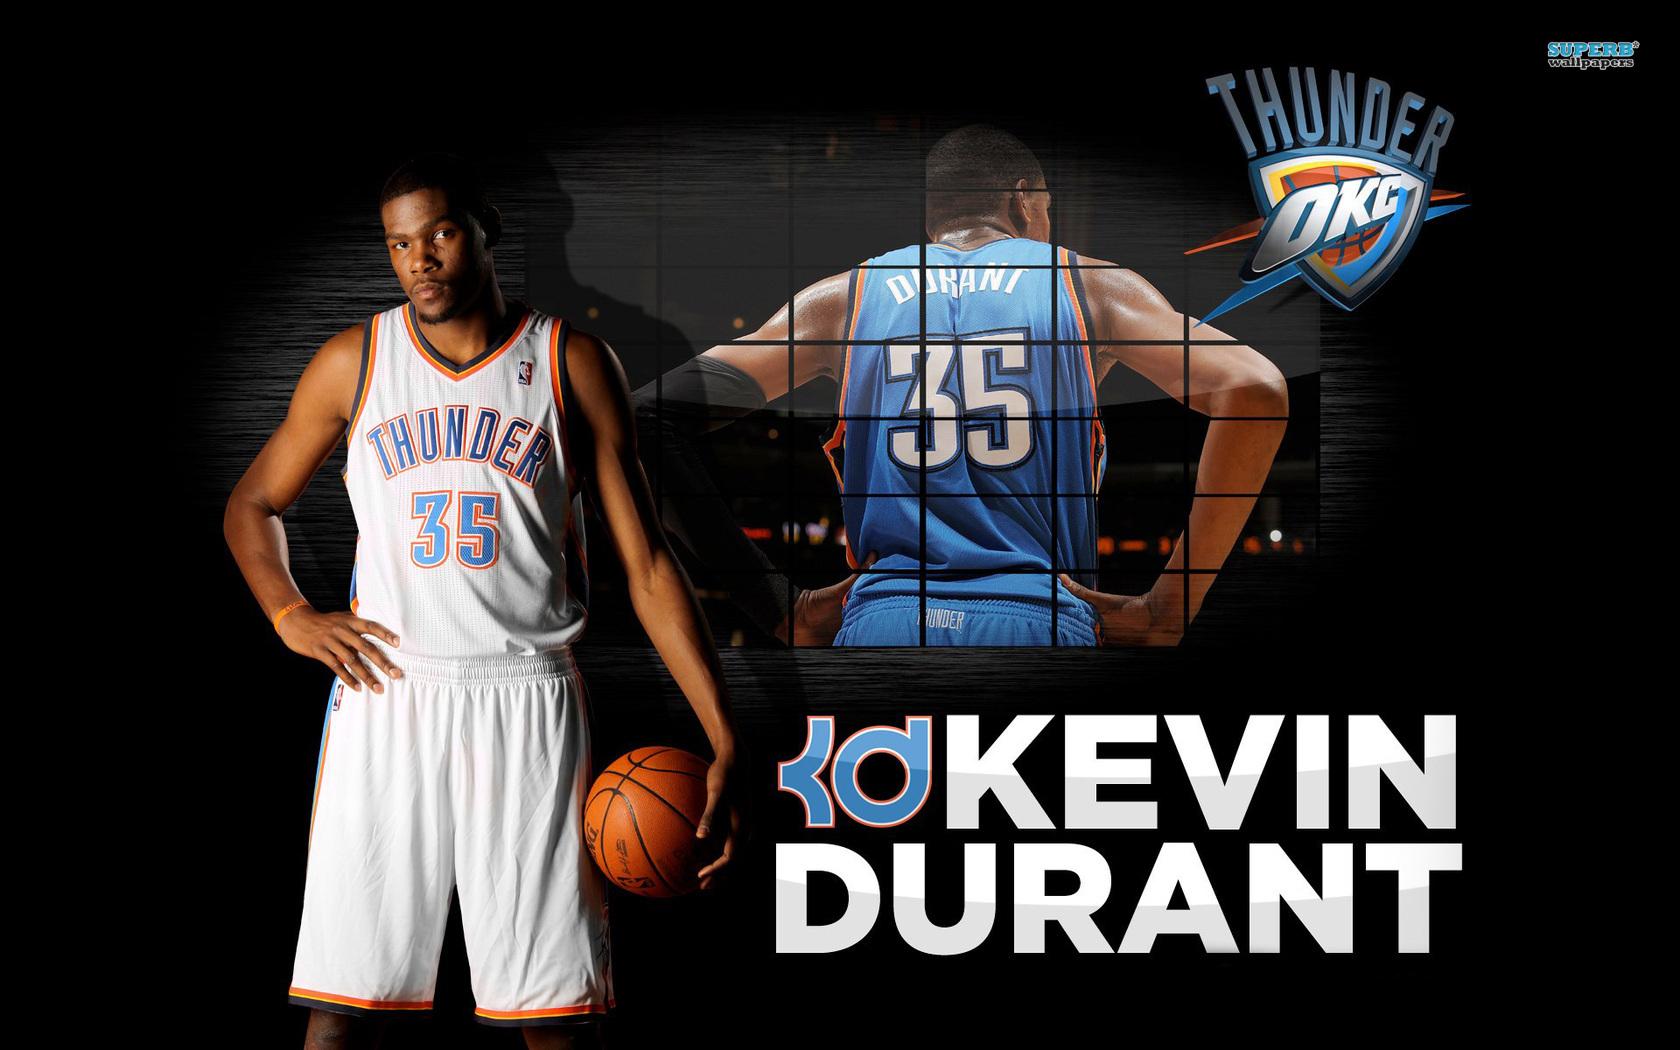 Kevin Durant Dunk Wallpaper 1680x1050